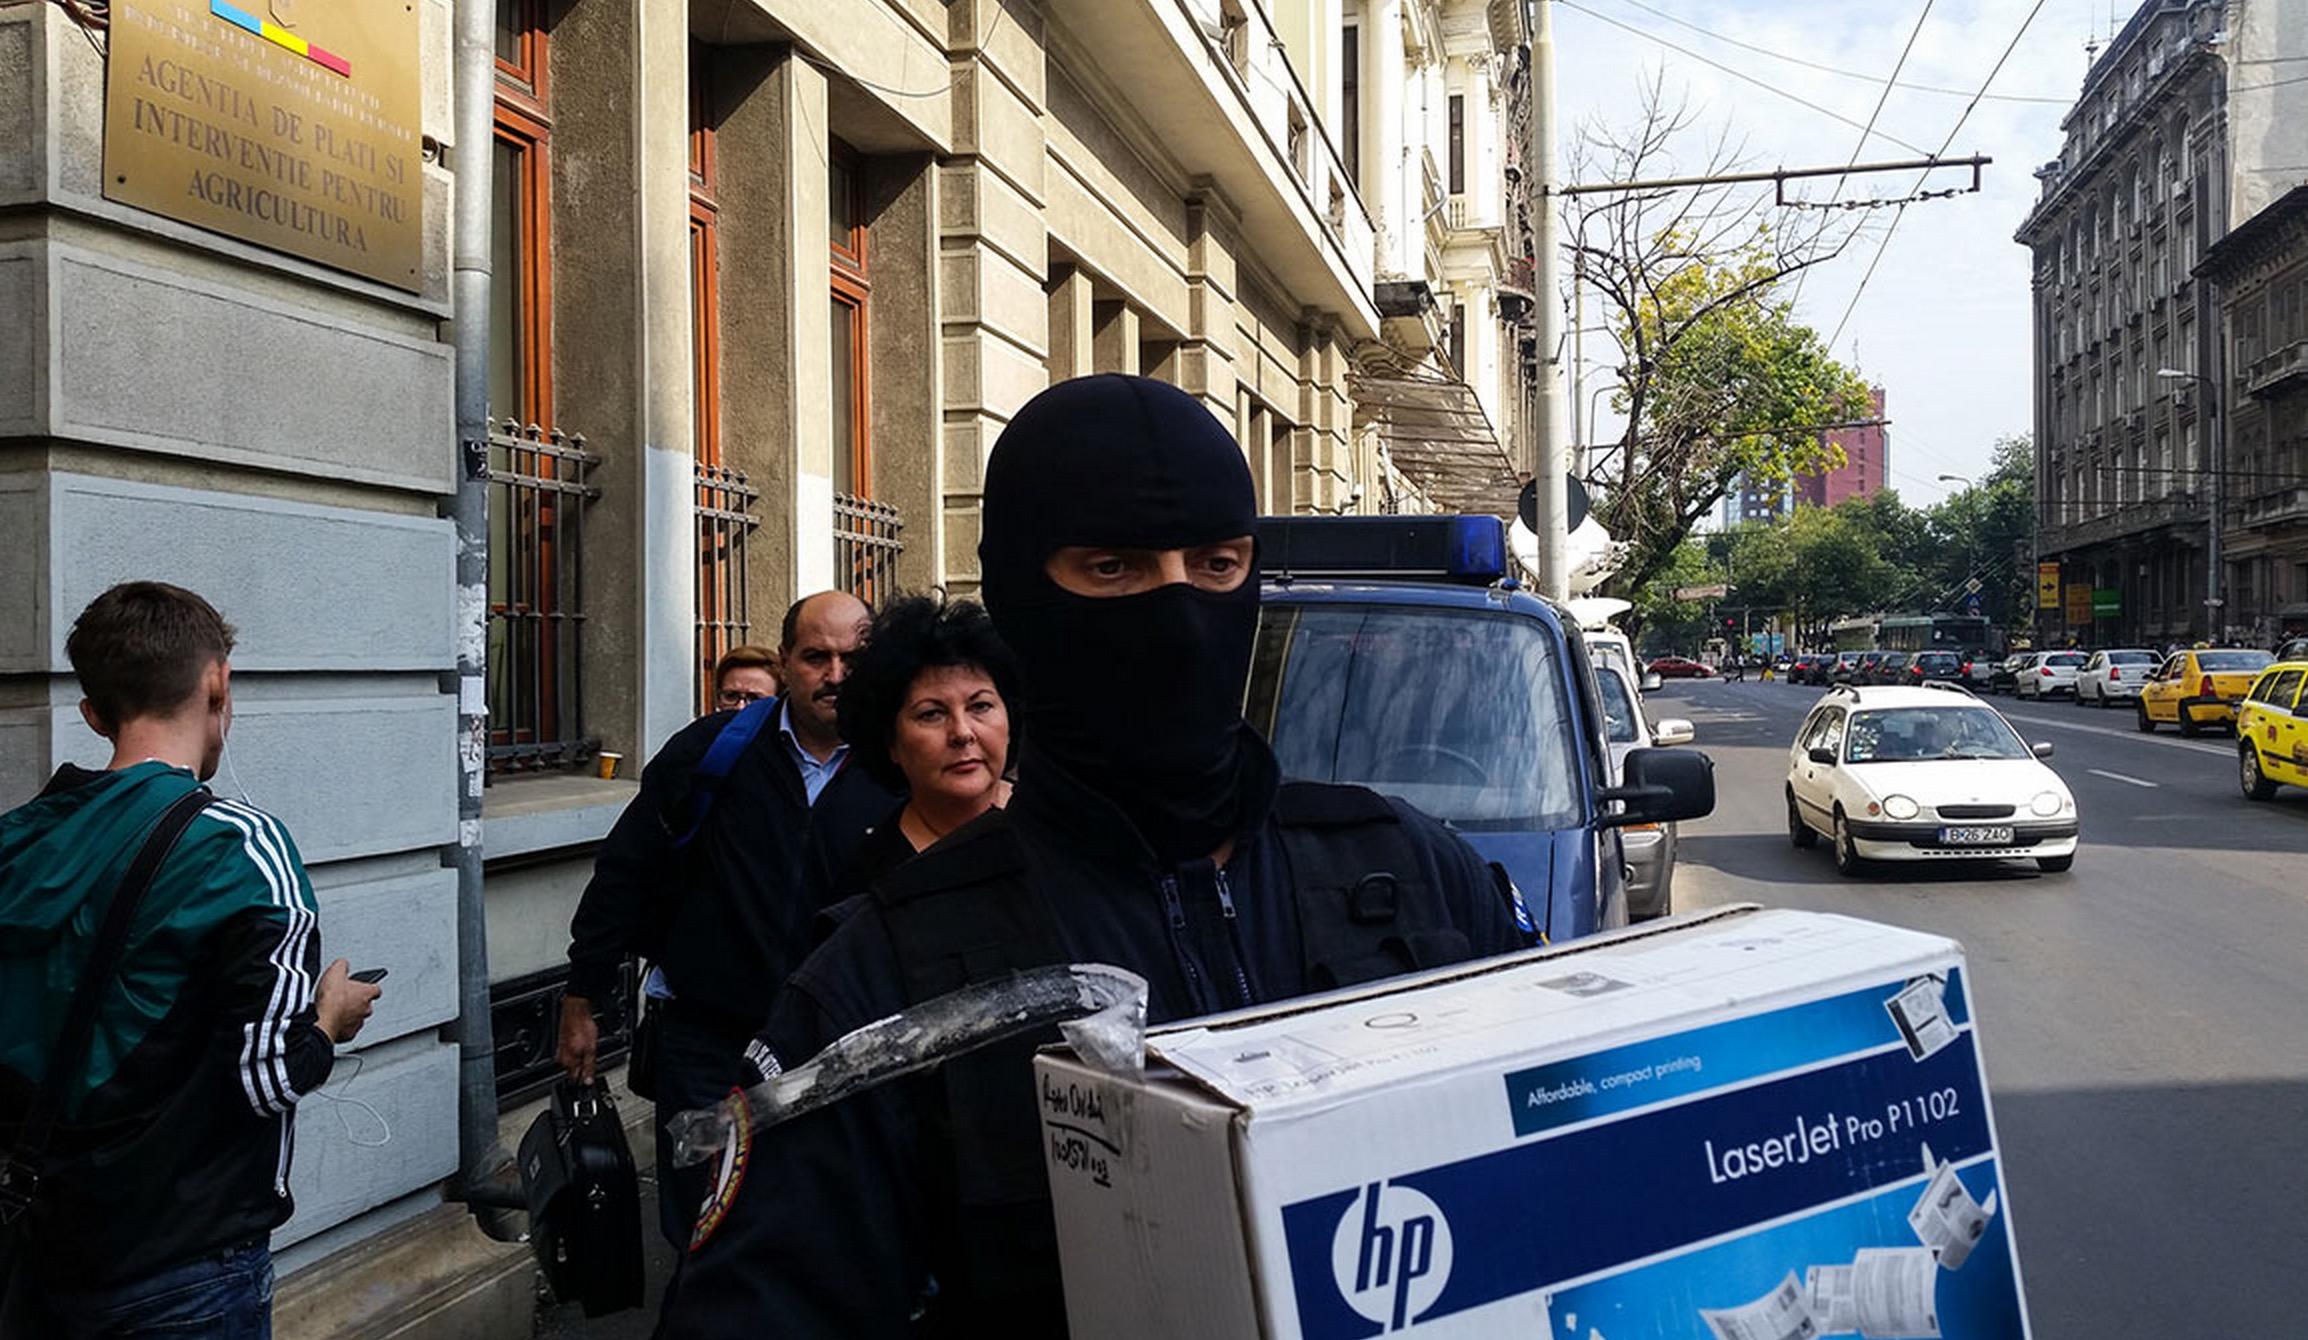 Румънски спецчасти обискират агенцията APIA, снимка: Ana Poenariu/RISE Project.